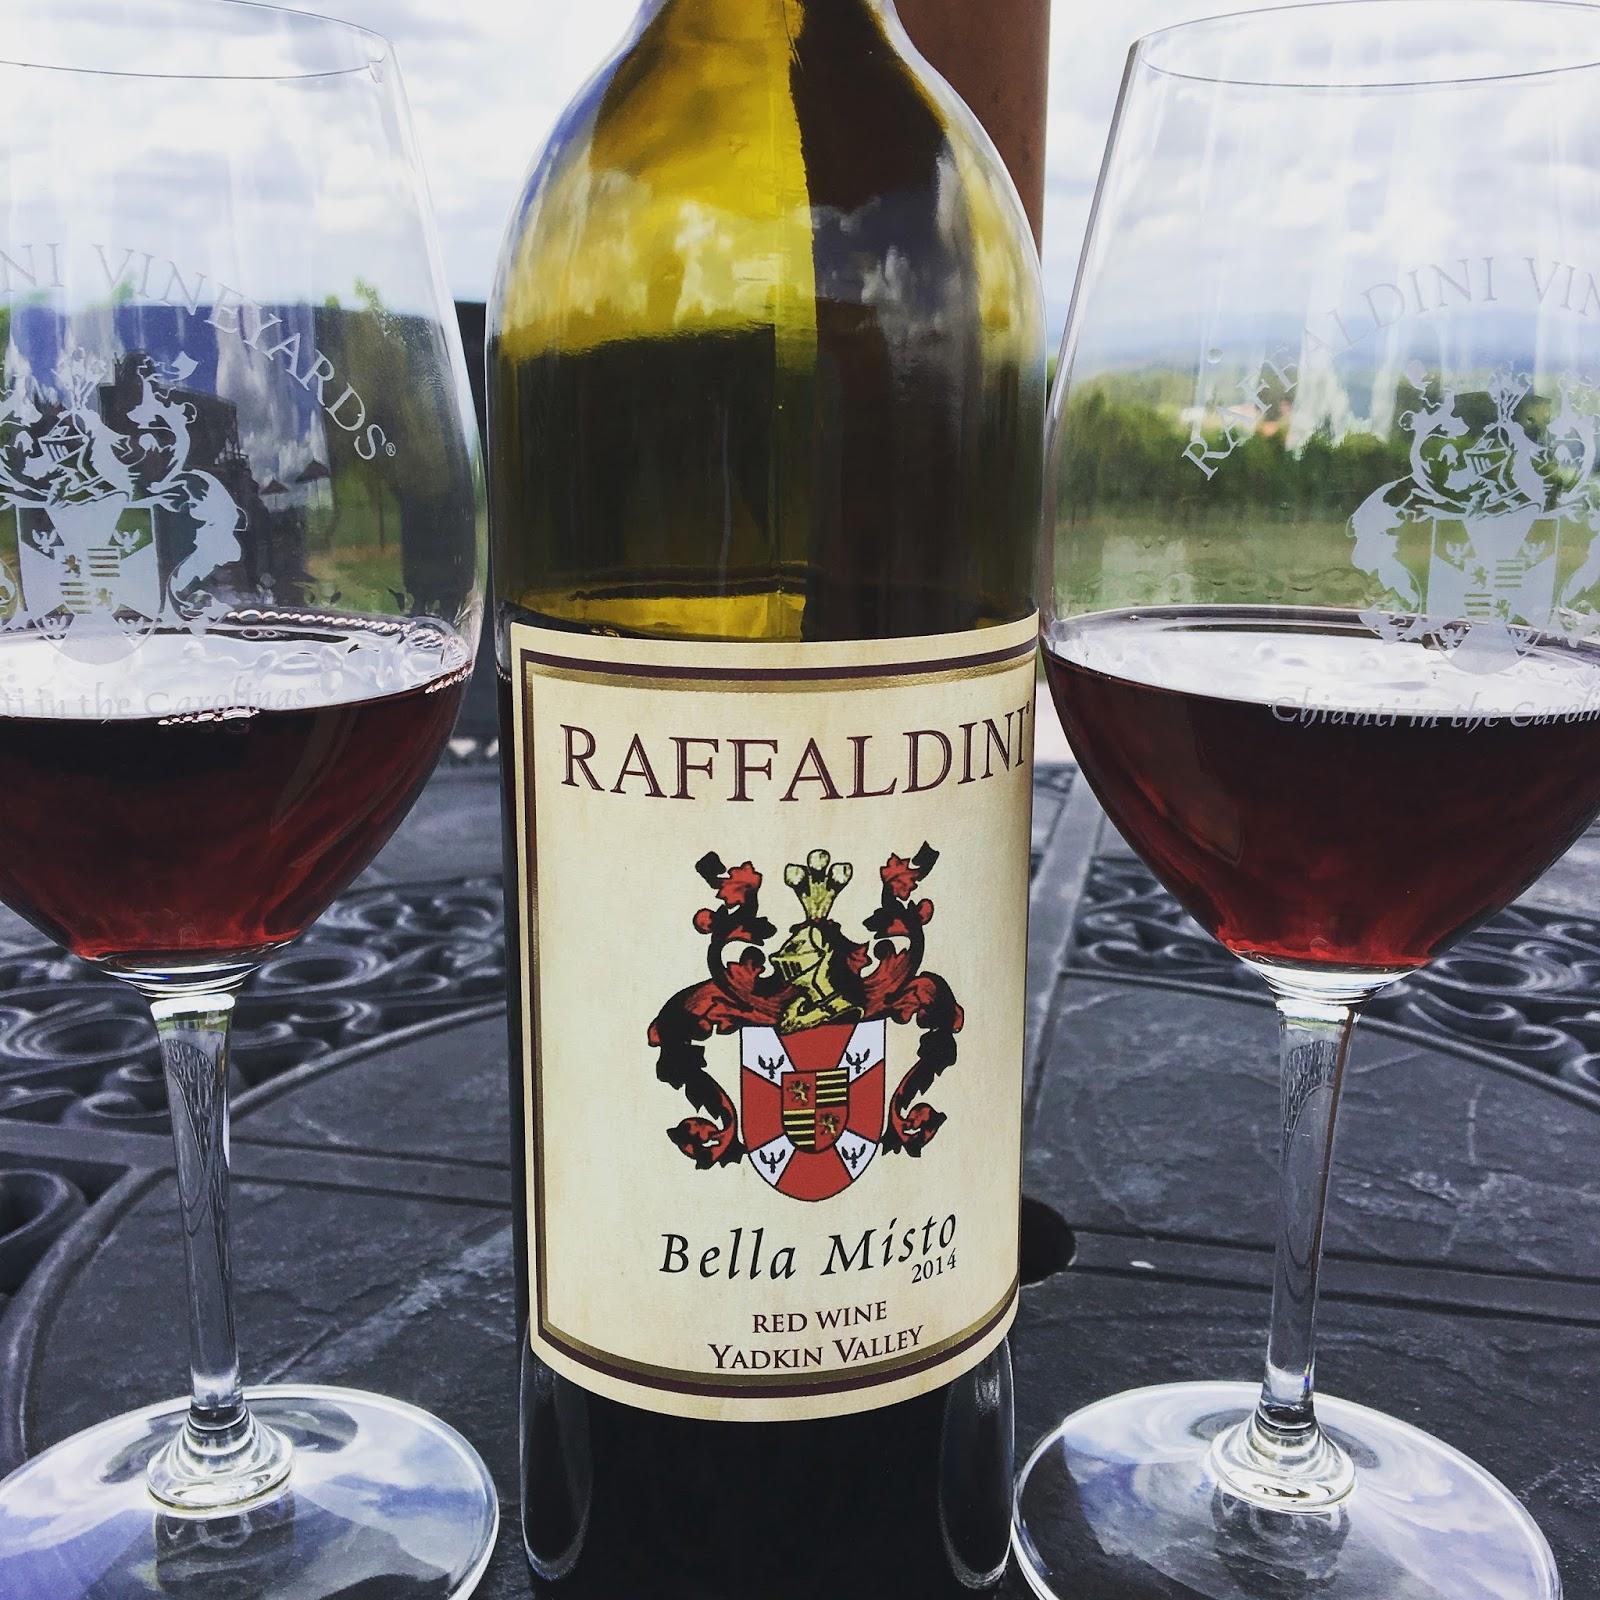 Raffaldini Bella Misto Wine.jpg